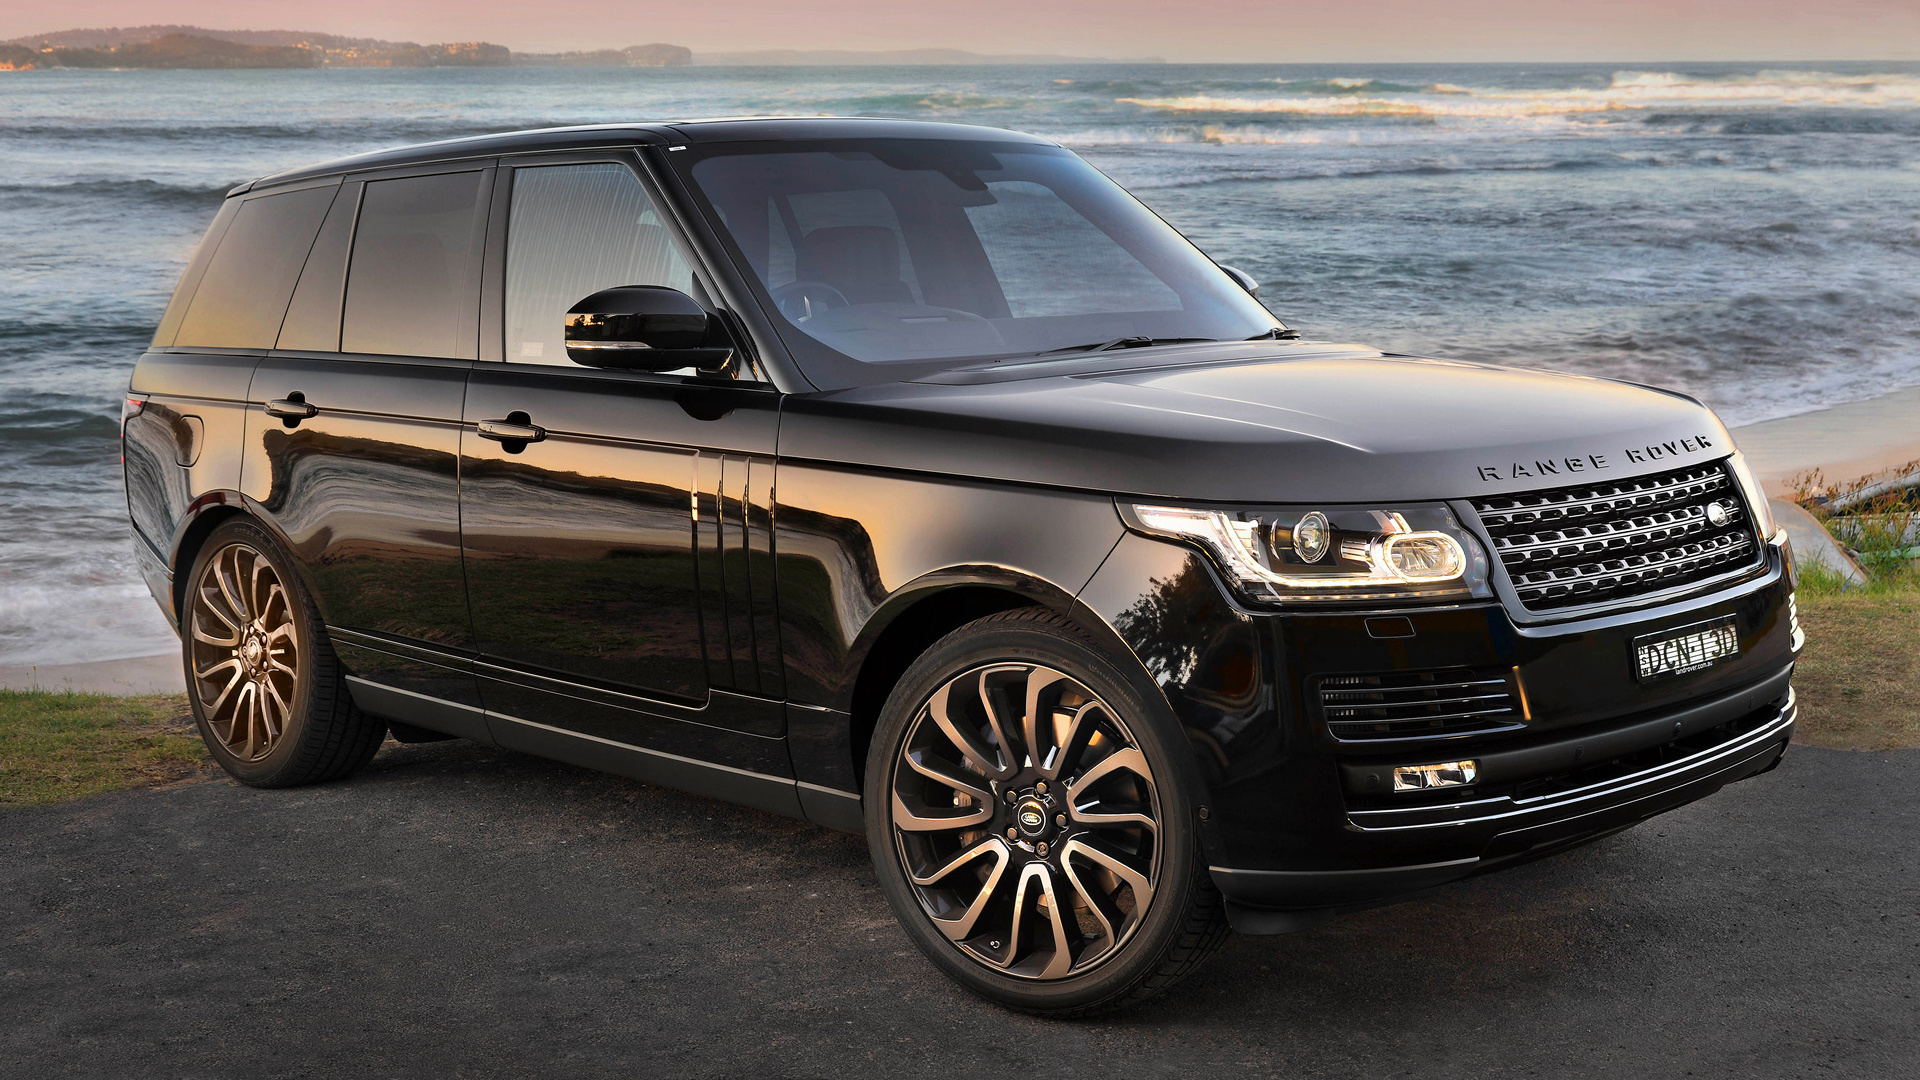 Range Rover Vogue Se Black Design Pack 2013 Au